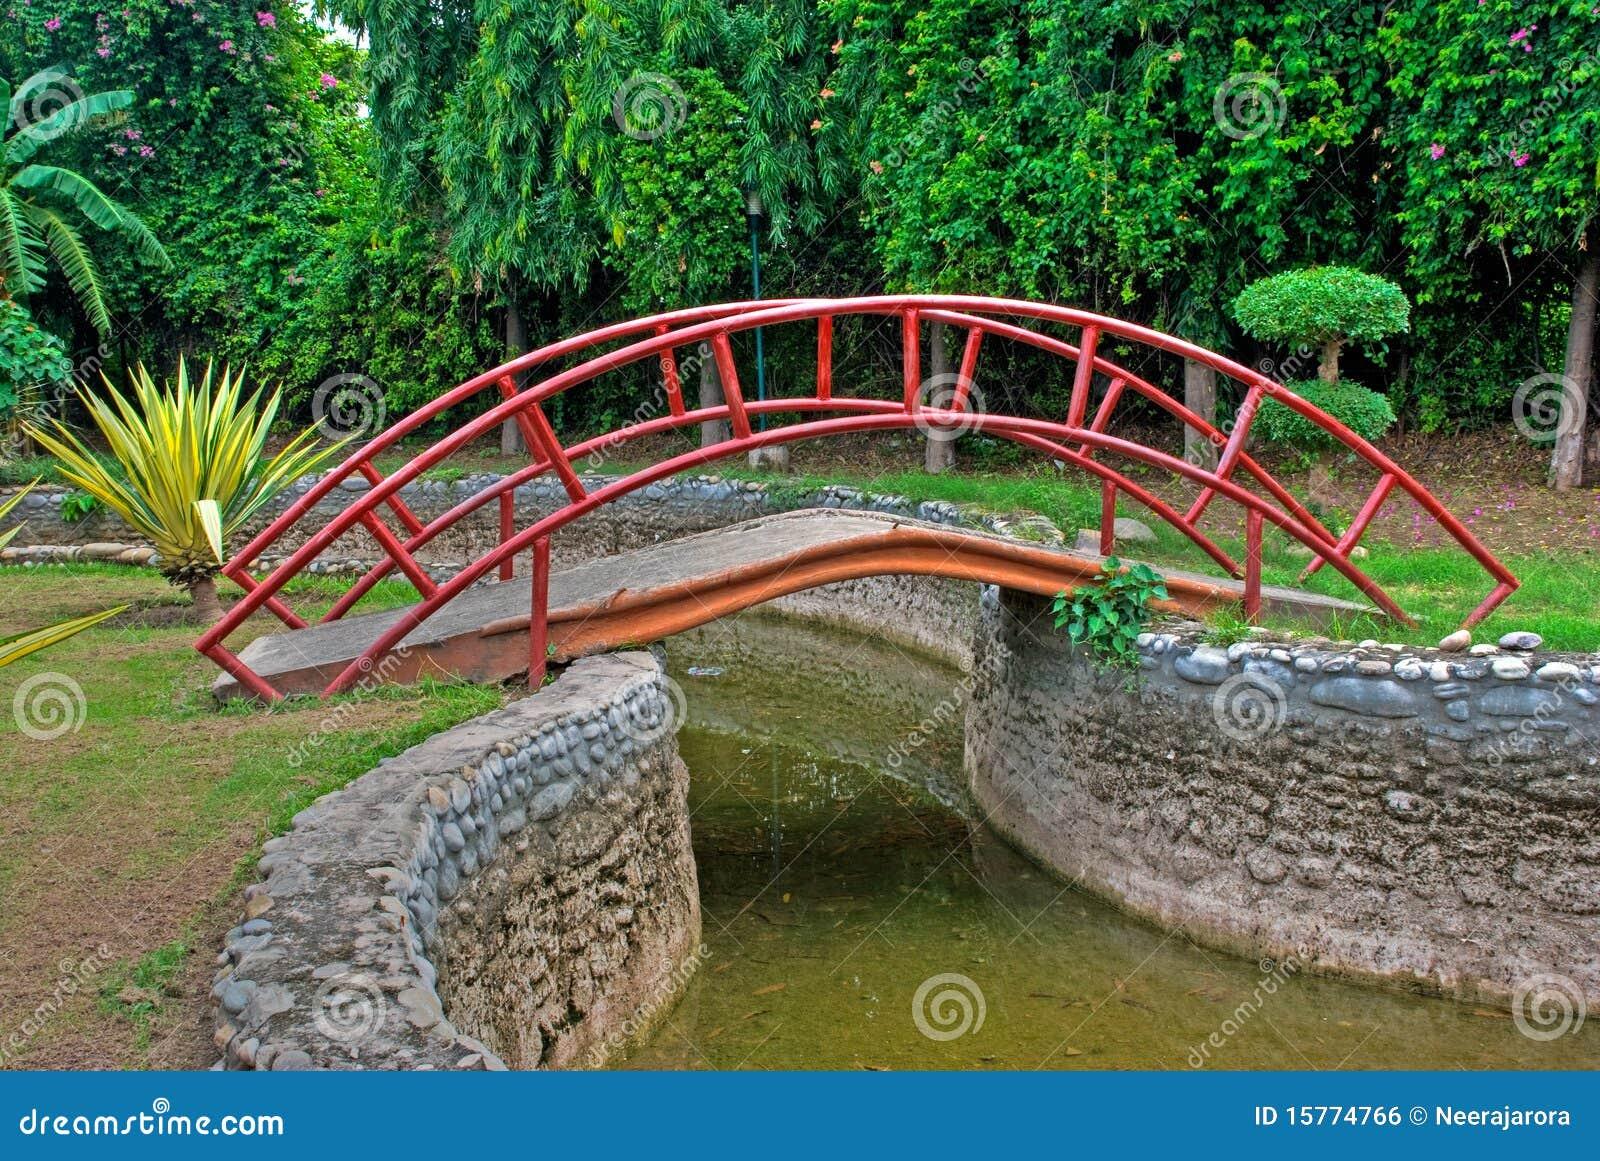 spring garden bridge park - photo #18